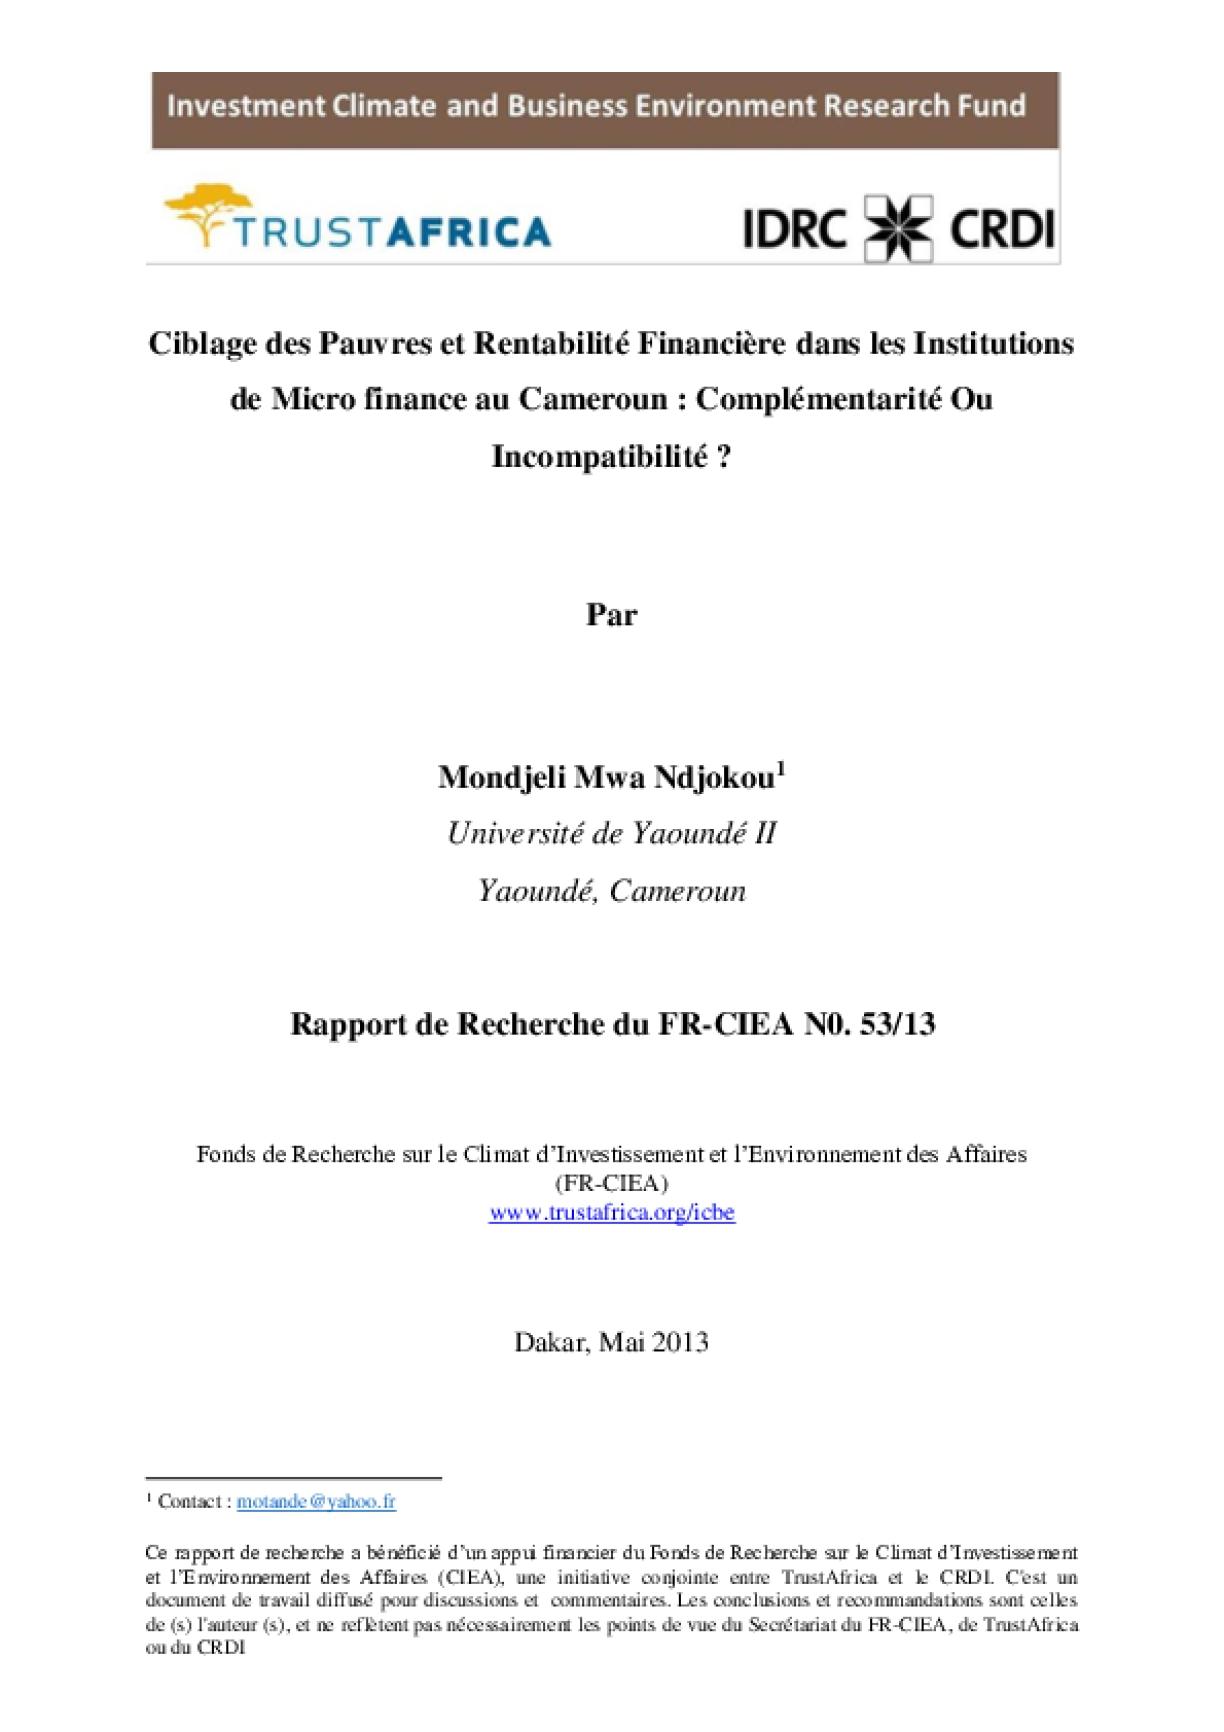 Ciblage des Pauvres et Rentabilité Financière dans les Institutions de Micro finance au Cameroun: Complémentarité Ou Incompatibilité?